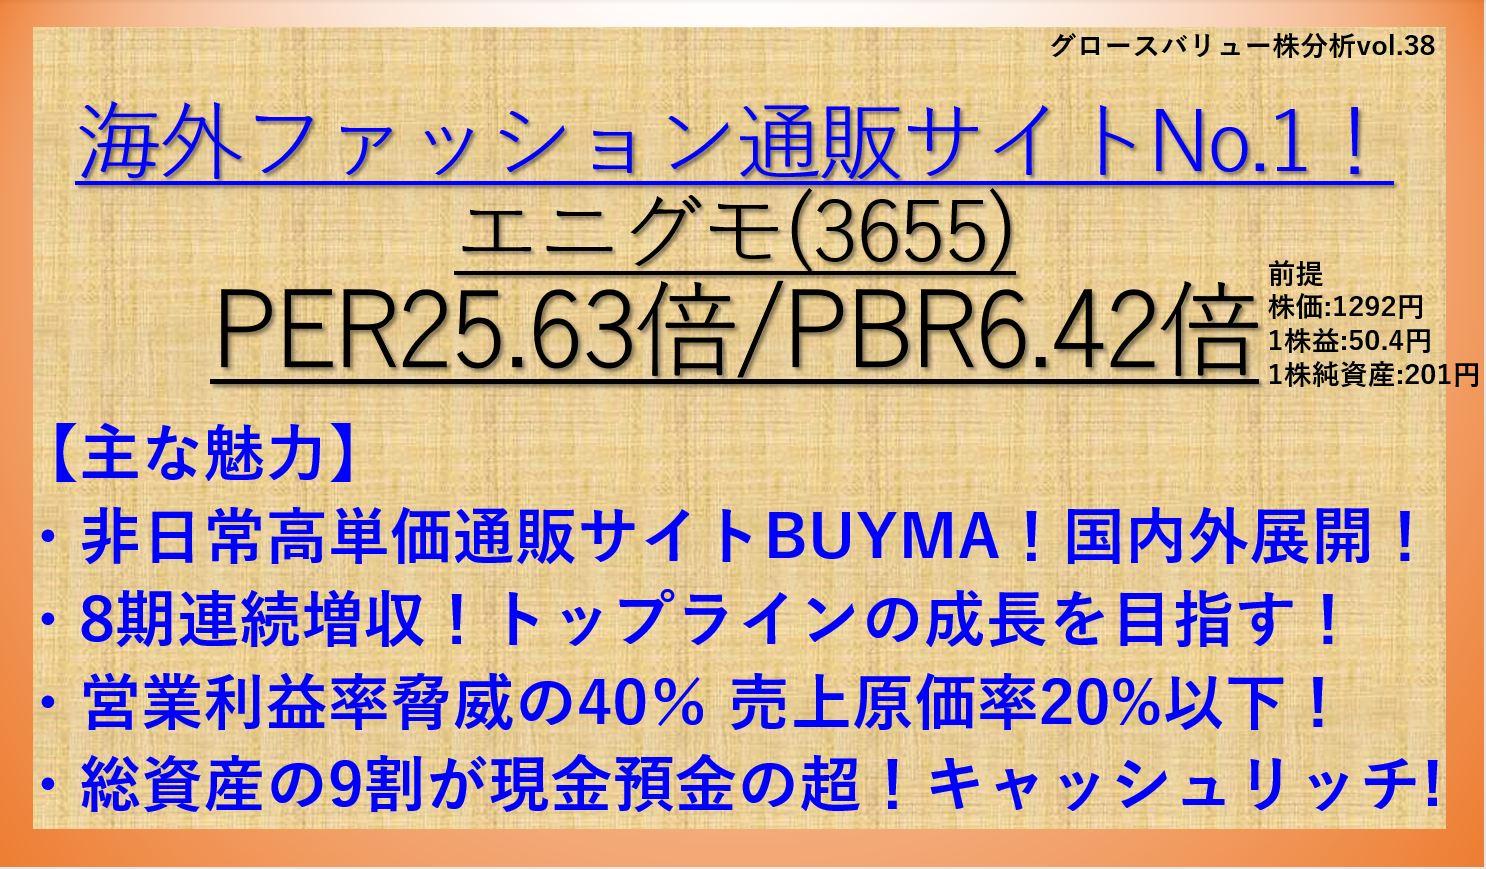 3665-エニグモ-バリュー株-グロース株